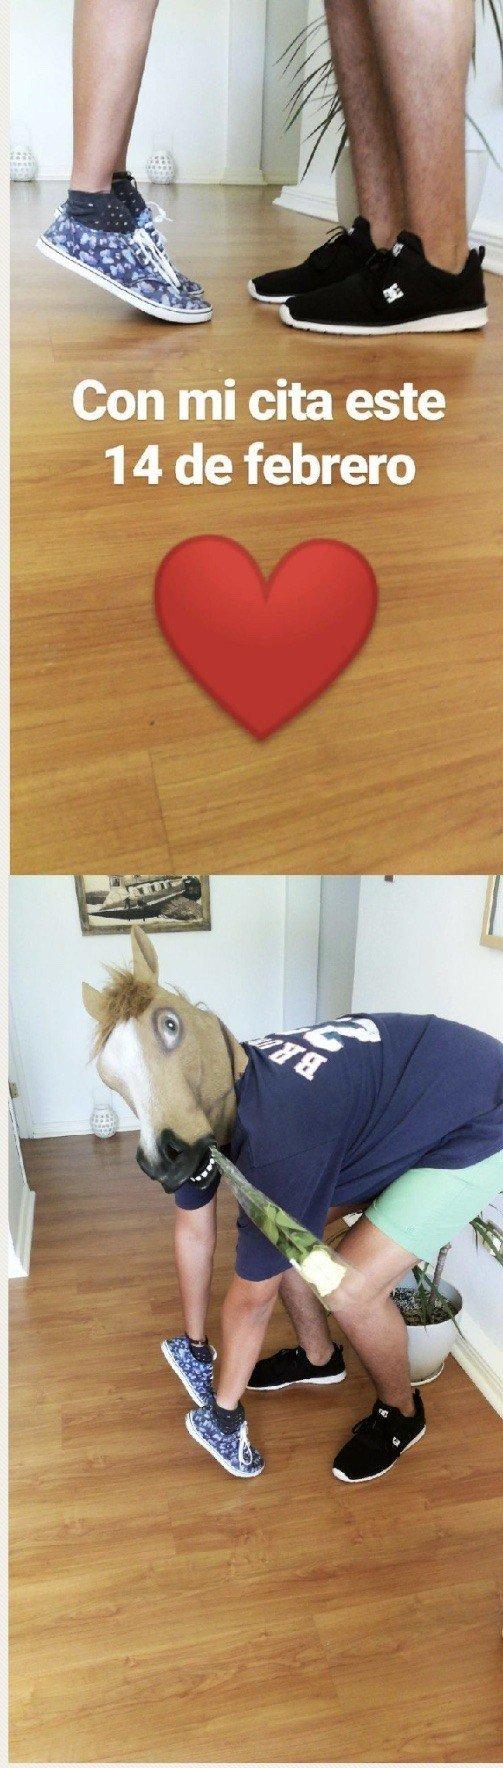 Meme_otros - La mejor cita de San Valentín ha ocurrido